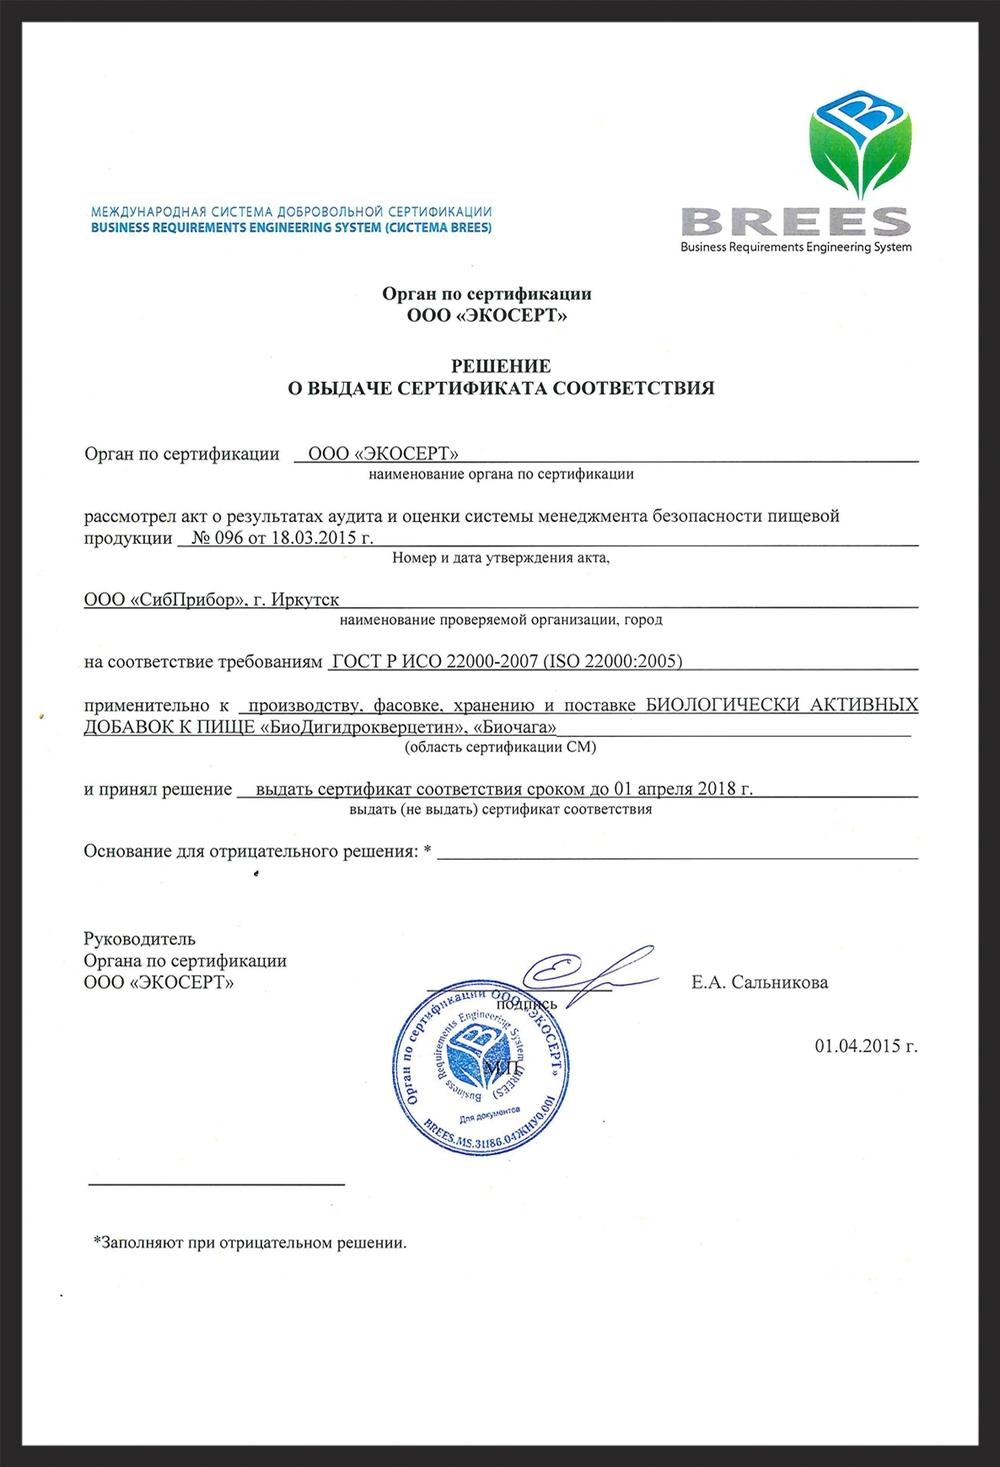 Решение о выдаче сертификата соответствия